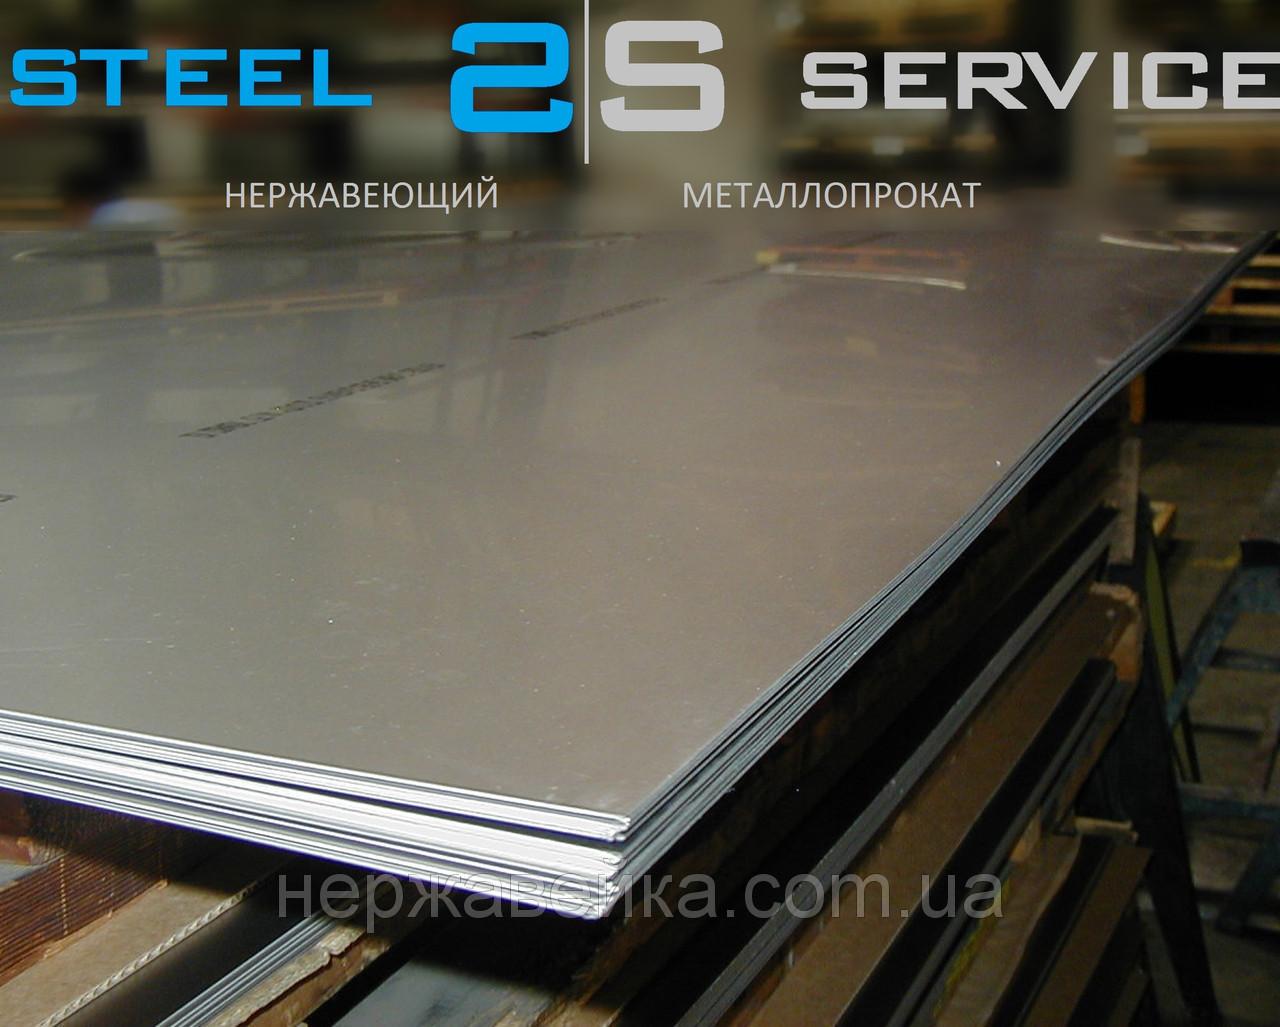 Нержавеющий лист 3х1500х6000мм  AISI 321(08Х18Н10Т) 2B - матовый,  пищевой